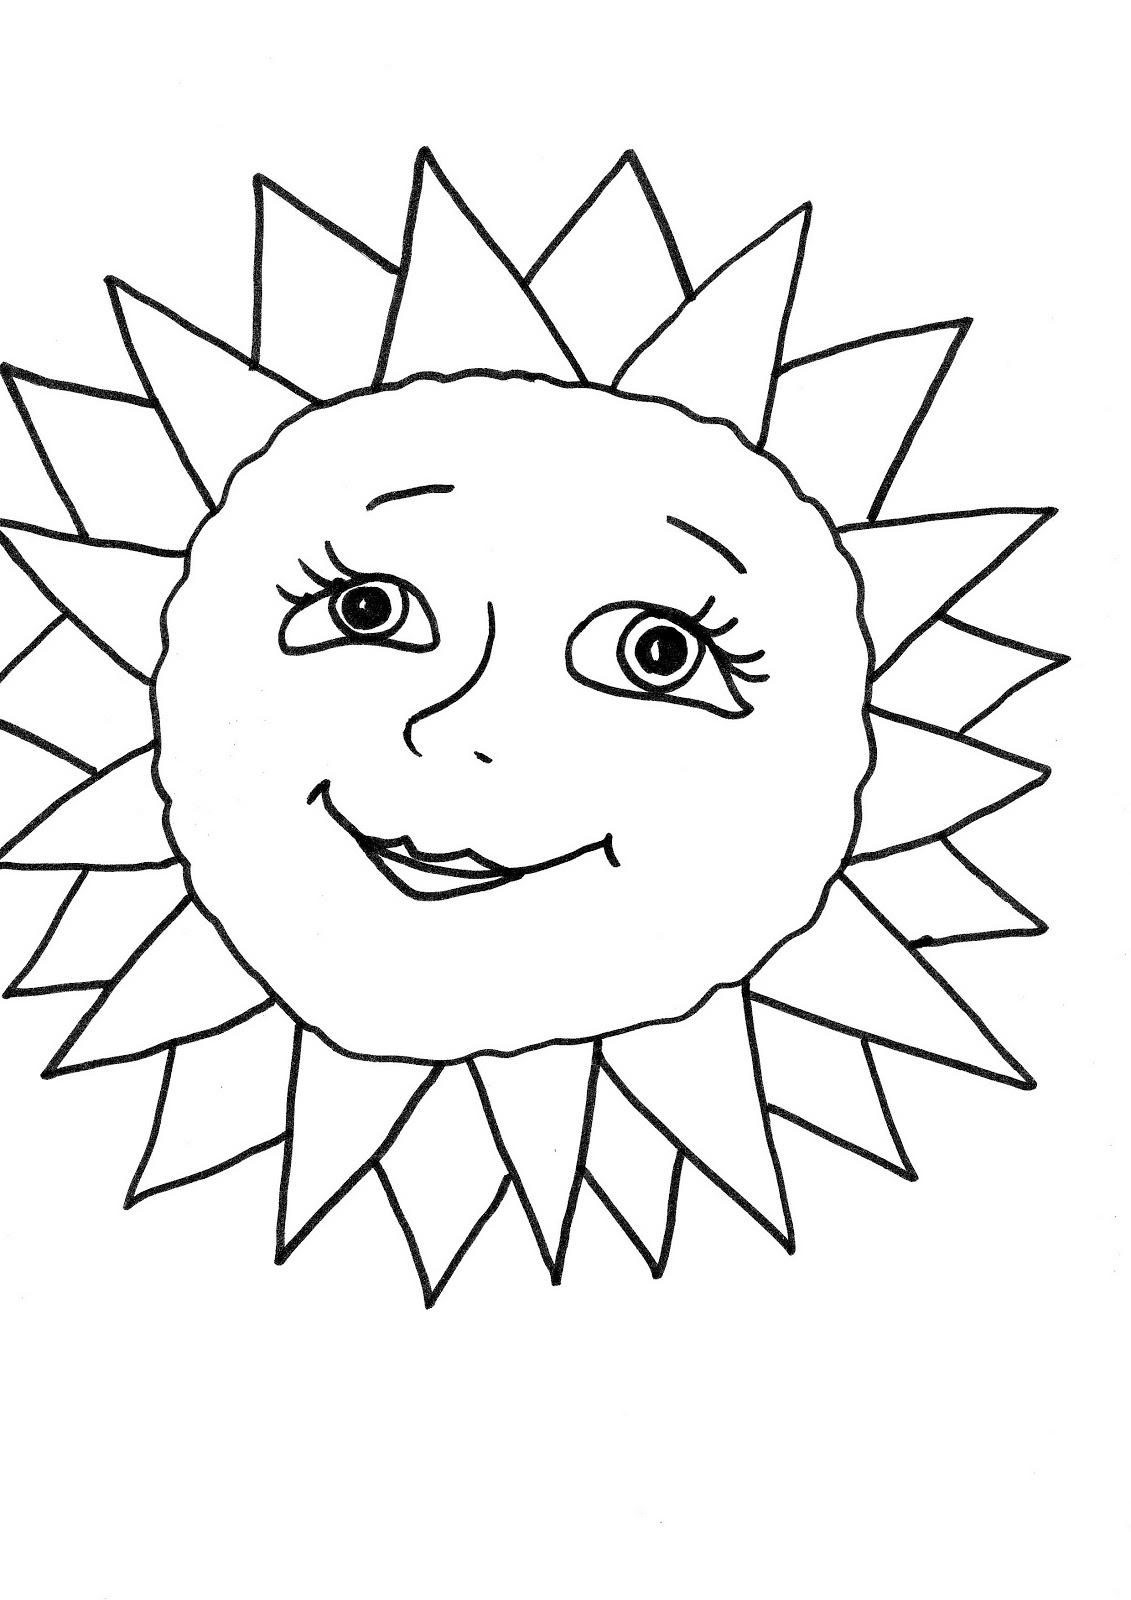 сегодня картинка солнышко с улыбкой и лучиками черно белое сайте